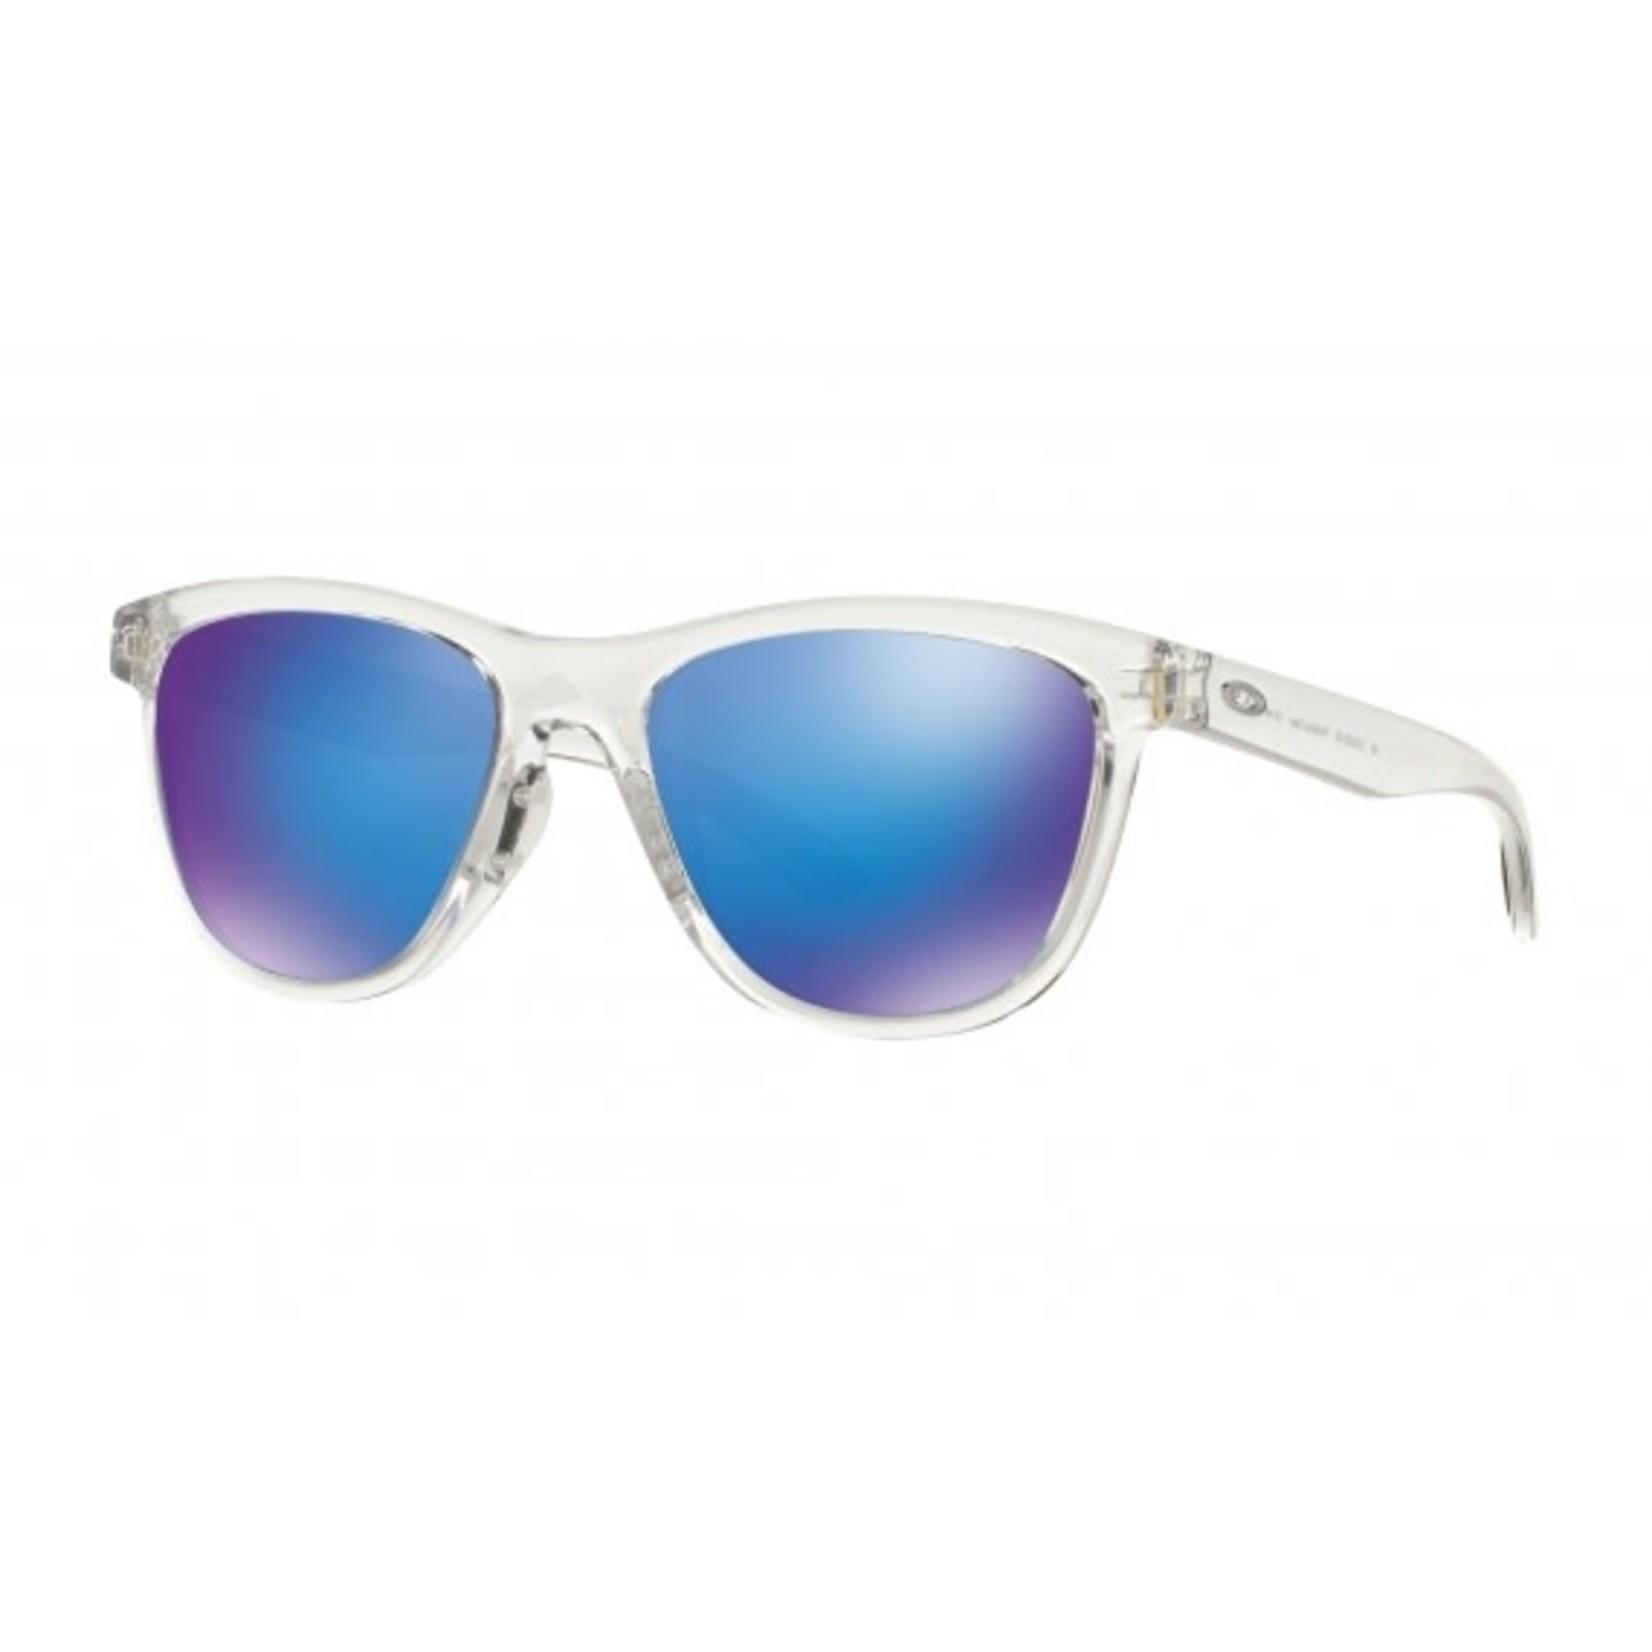 Oakley Oakley Women's Moonlighter Sunglasses